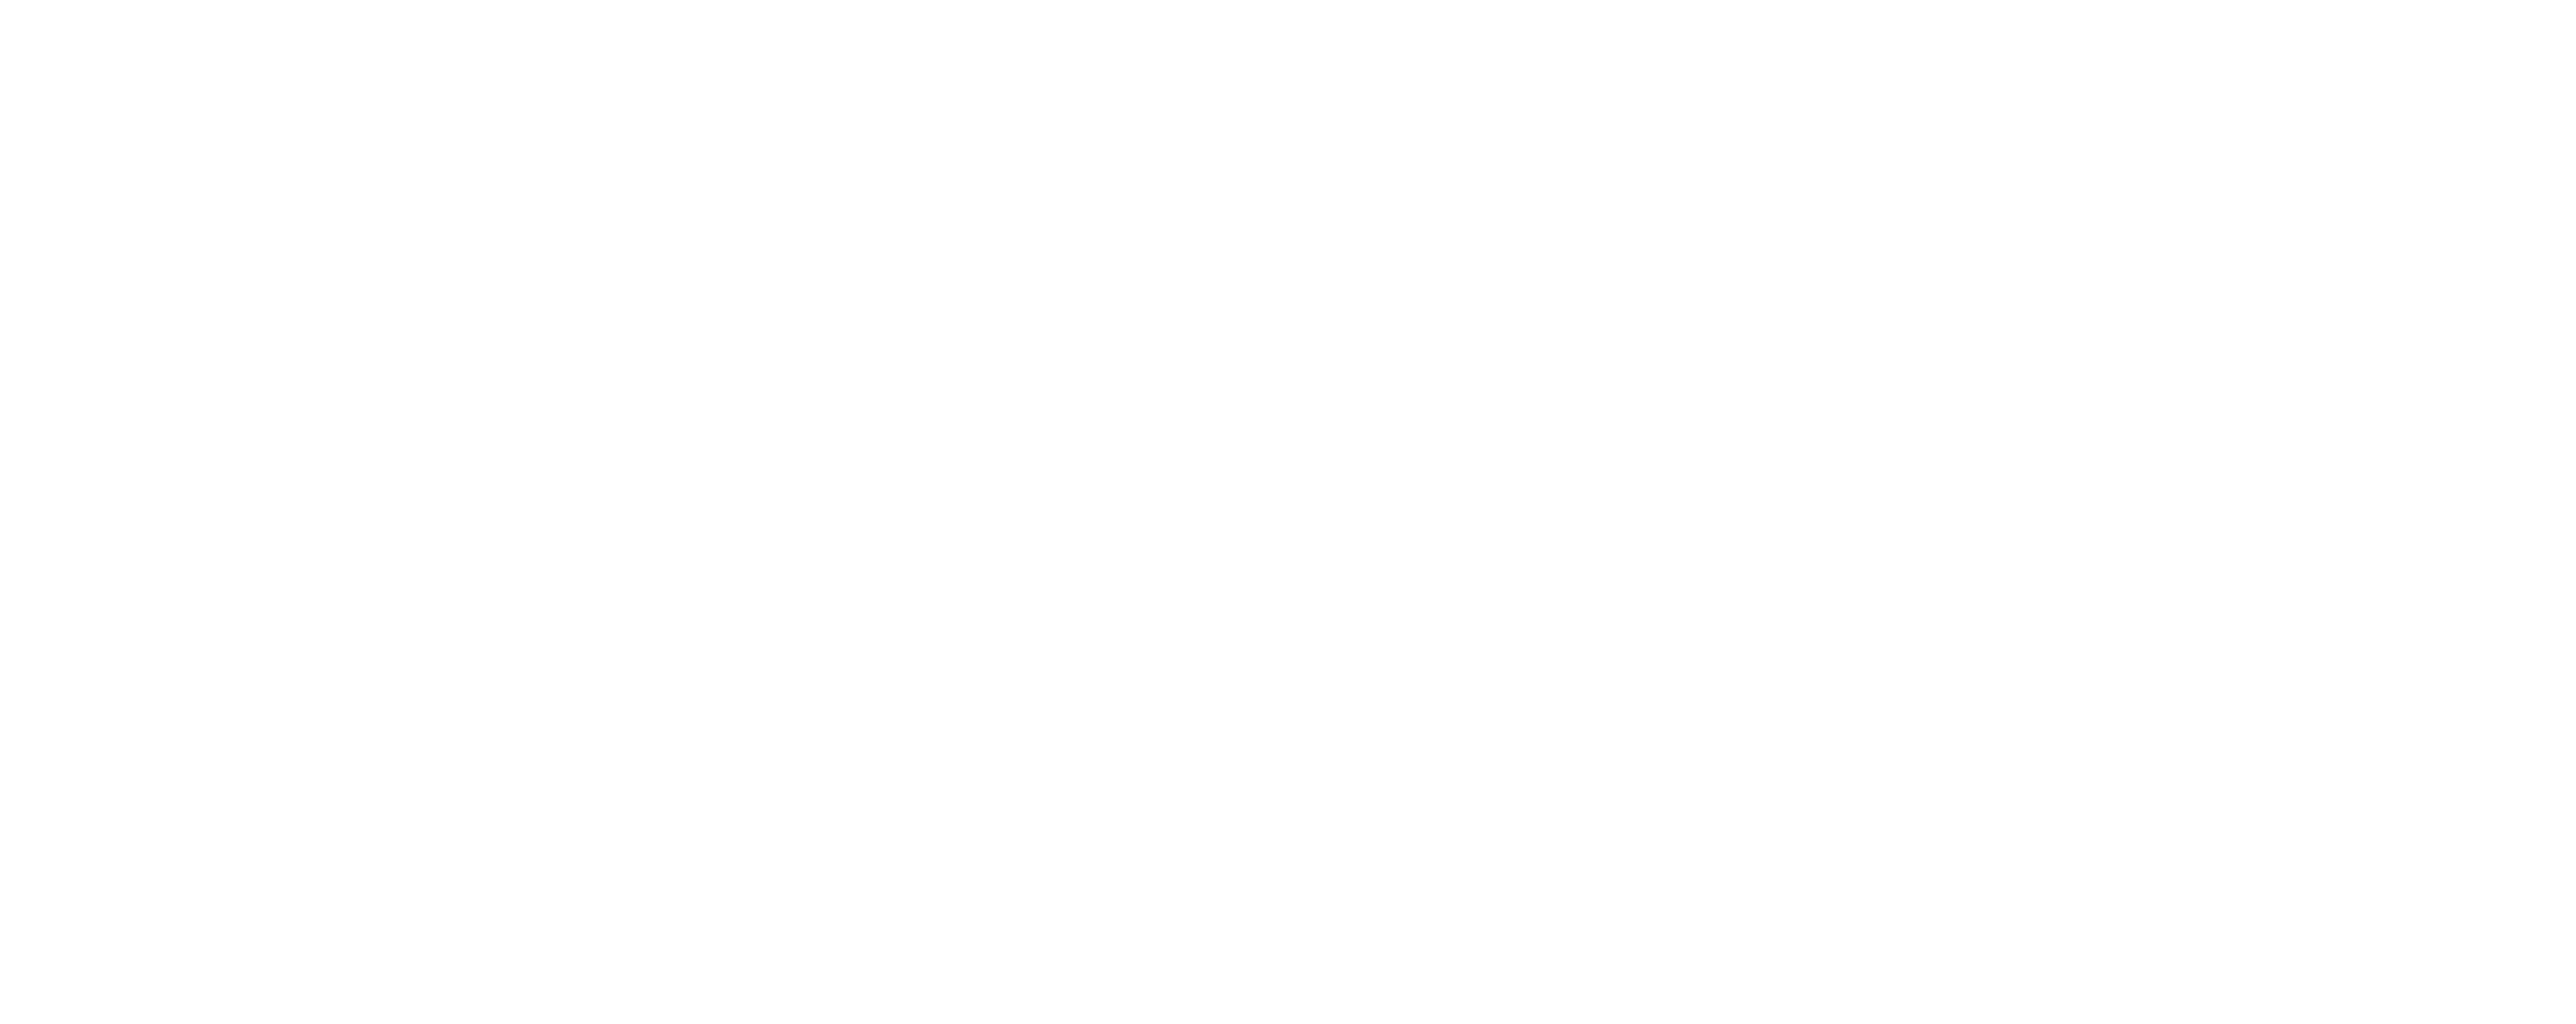 Banner clip art lace. White deco transparent png